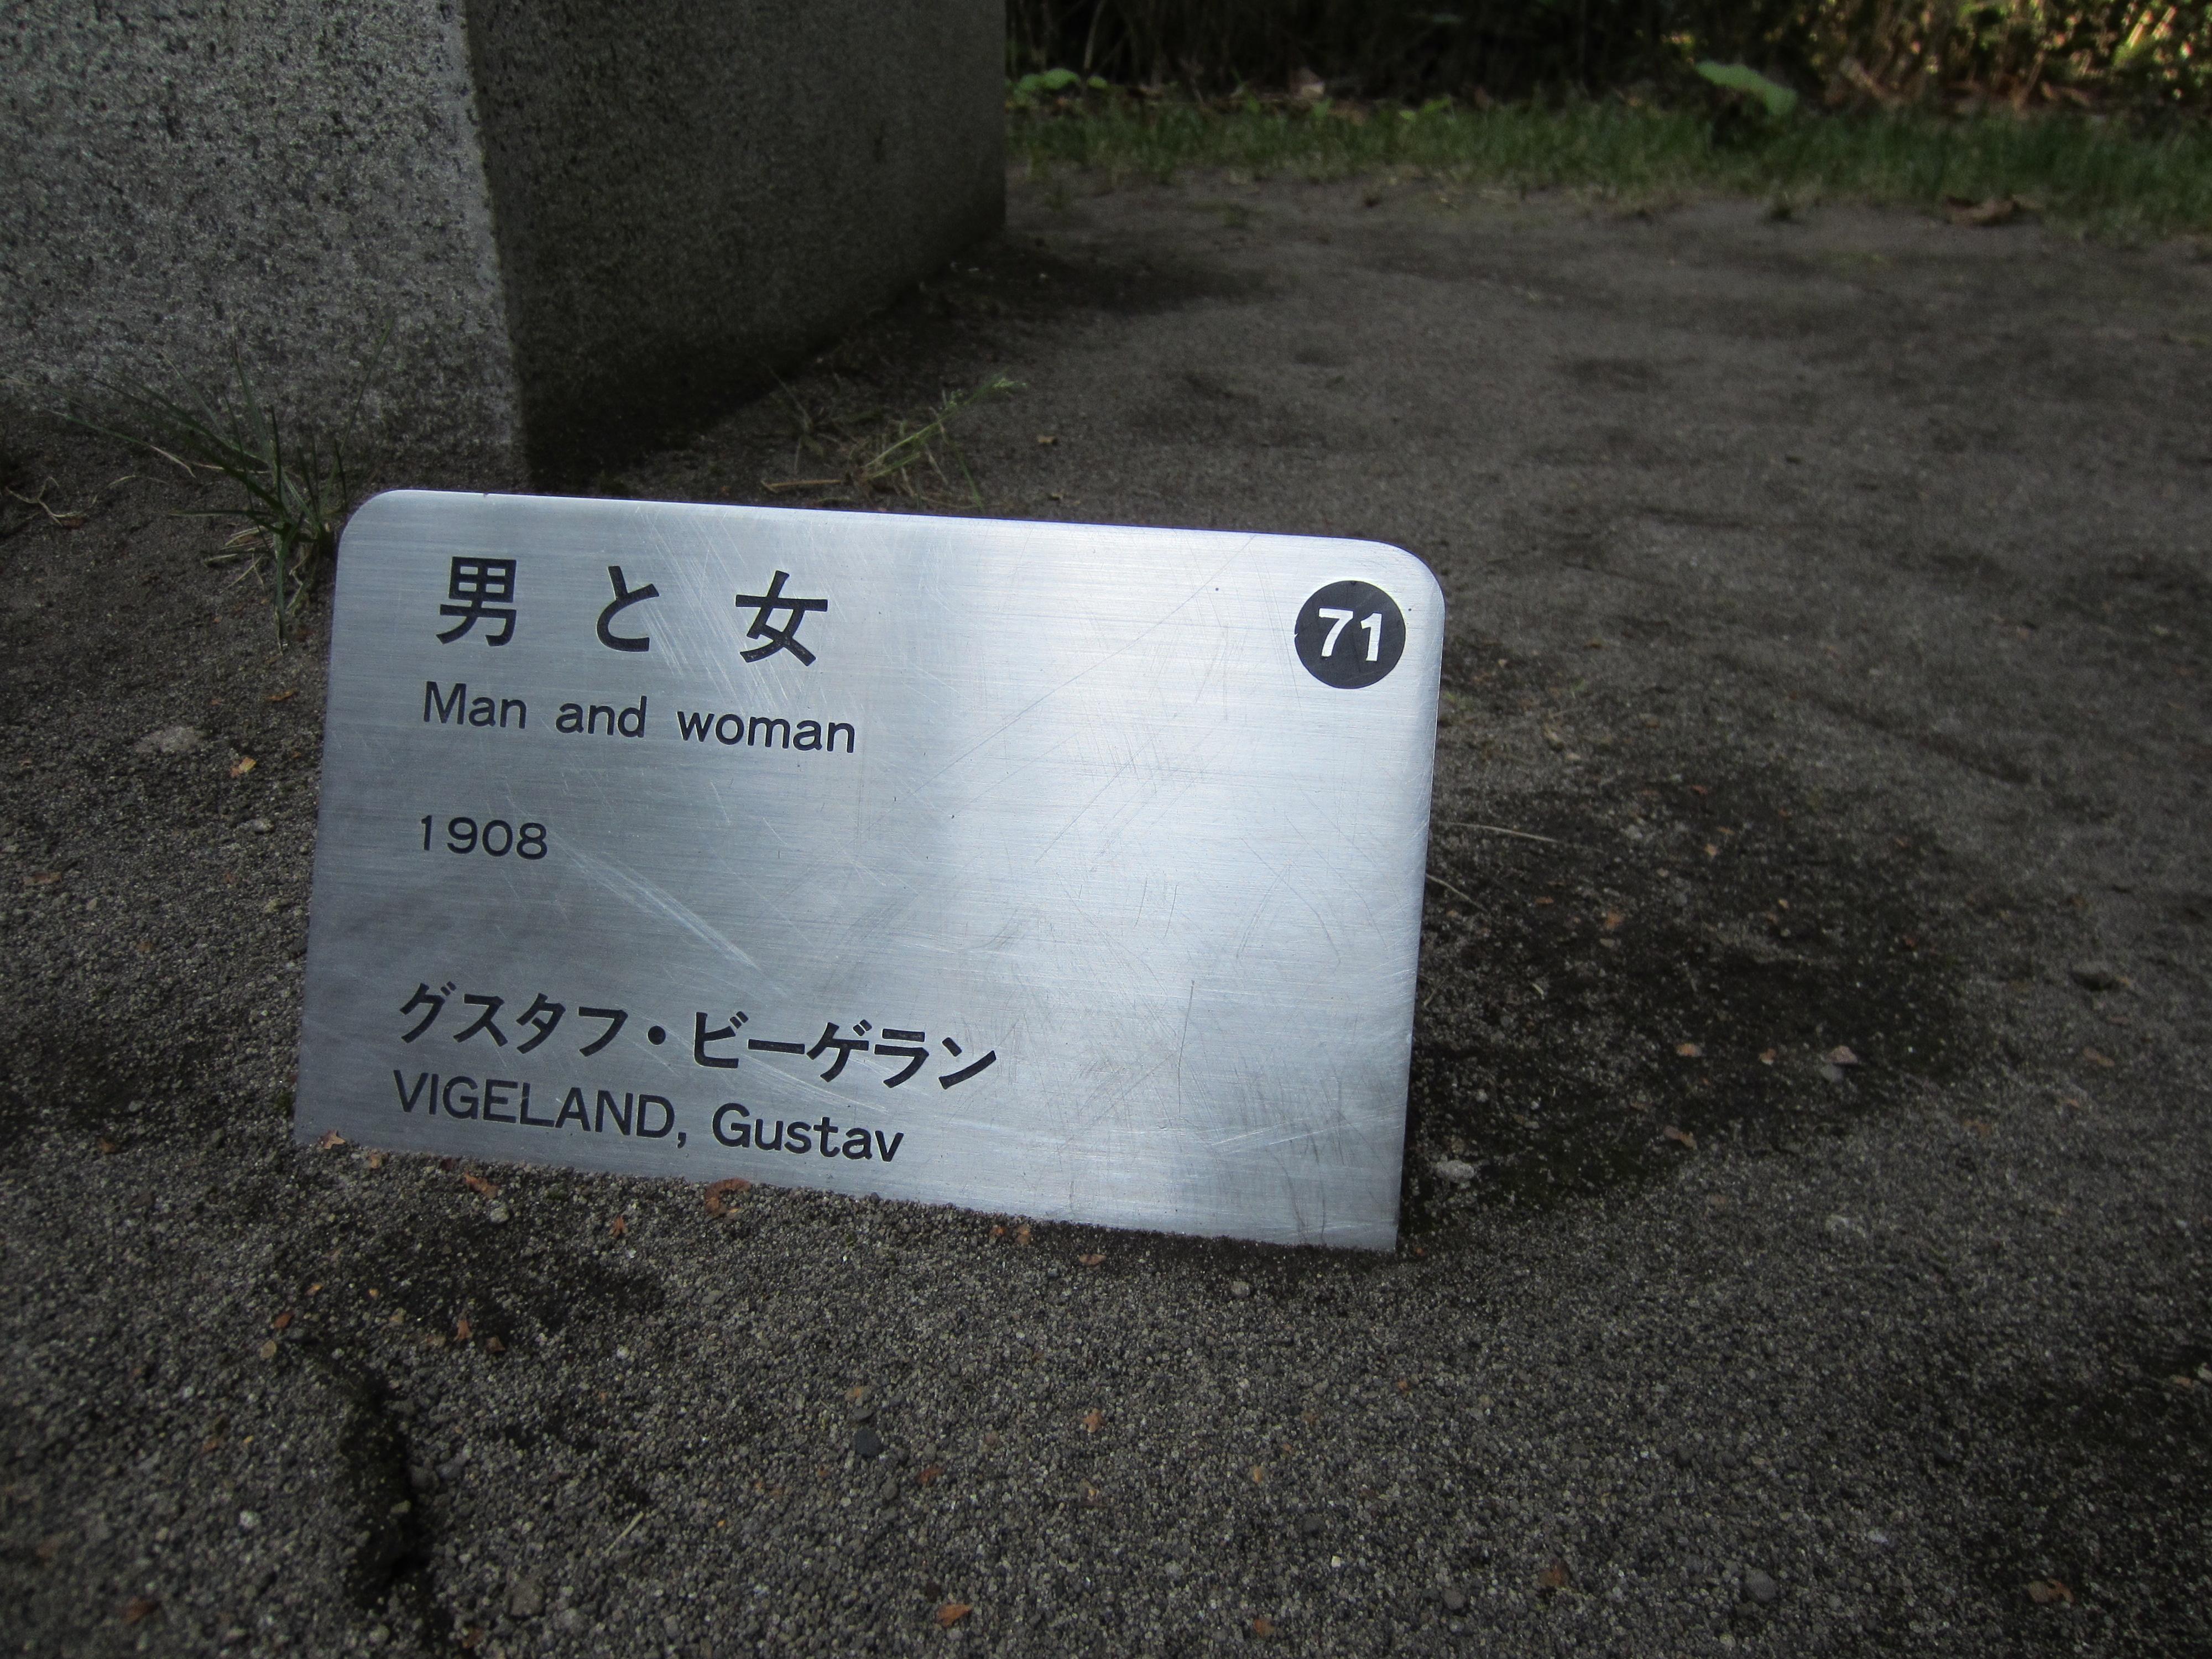 札幌芸術の森野外美術館のキャプションの画像